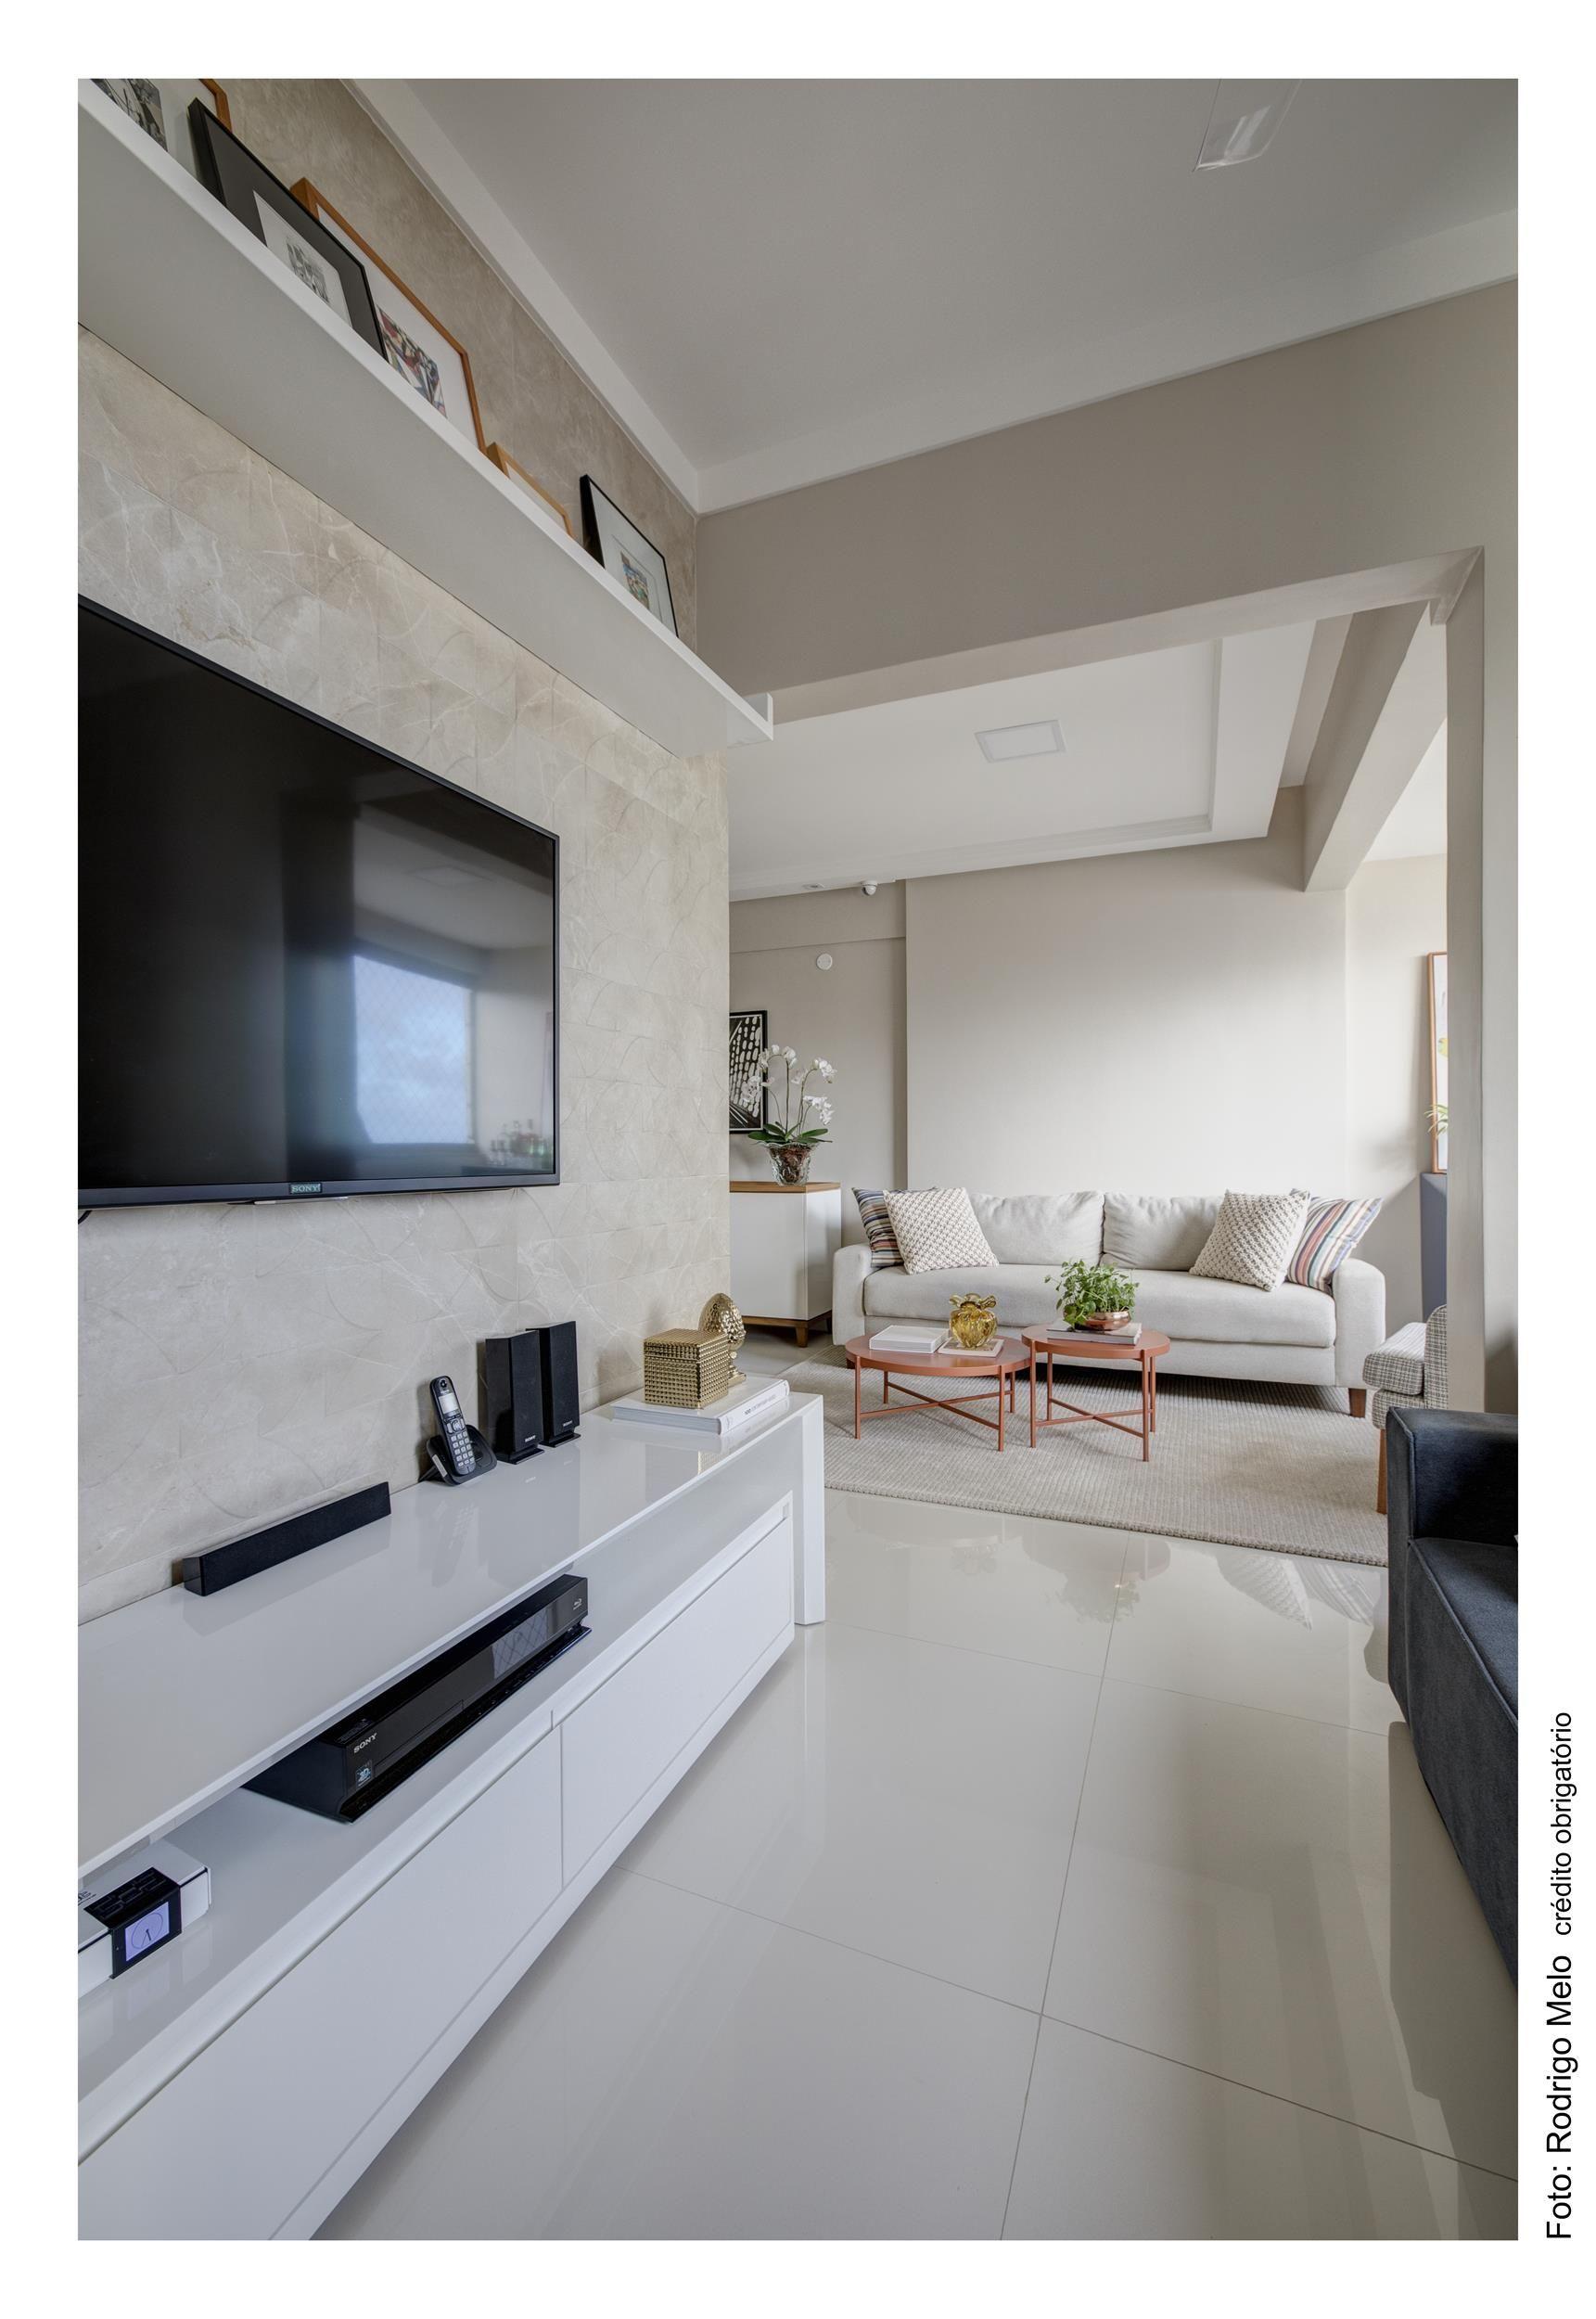 Apartamento Pequeno Em Tons Claros Com Cozinha Americana E Sala De